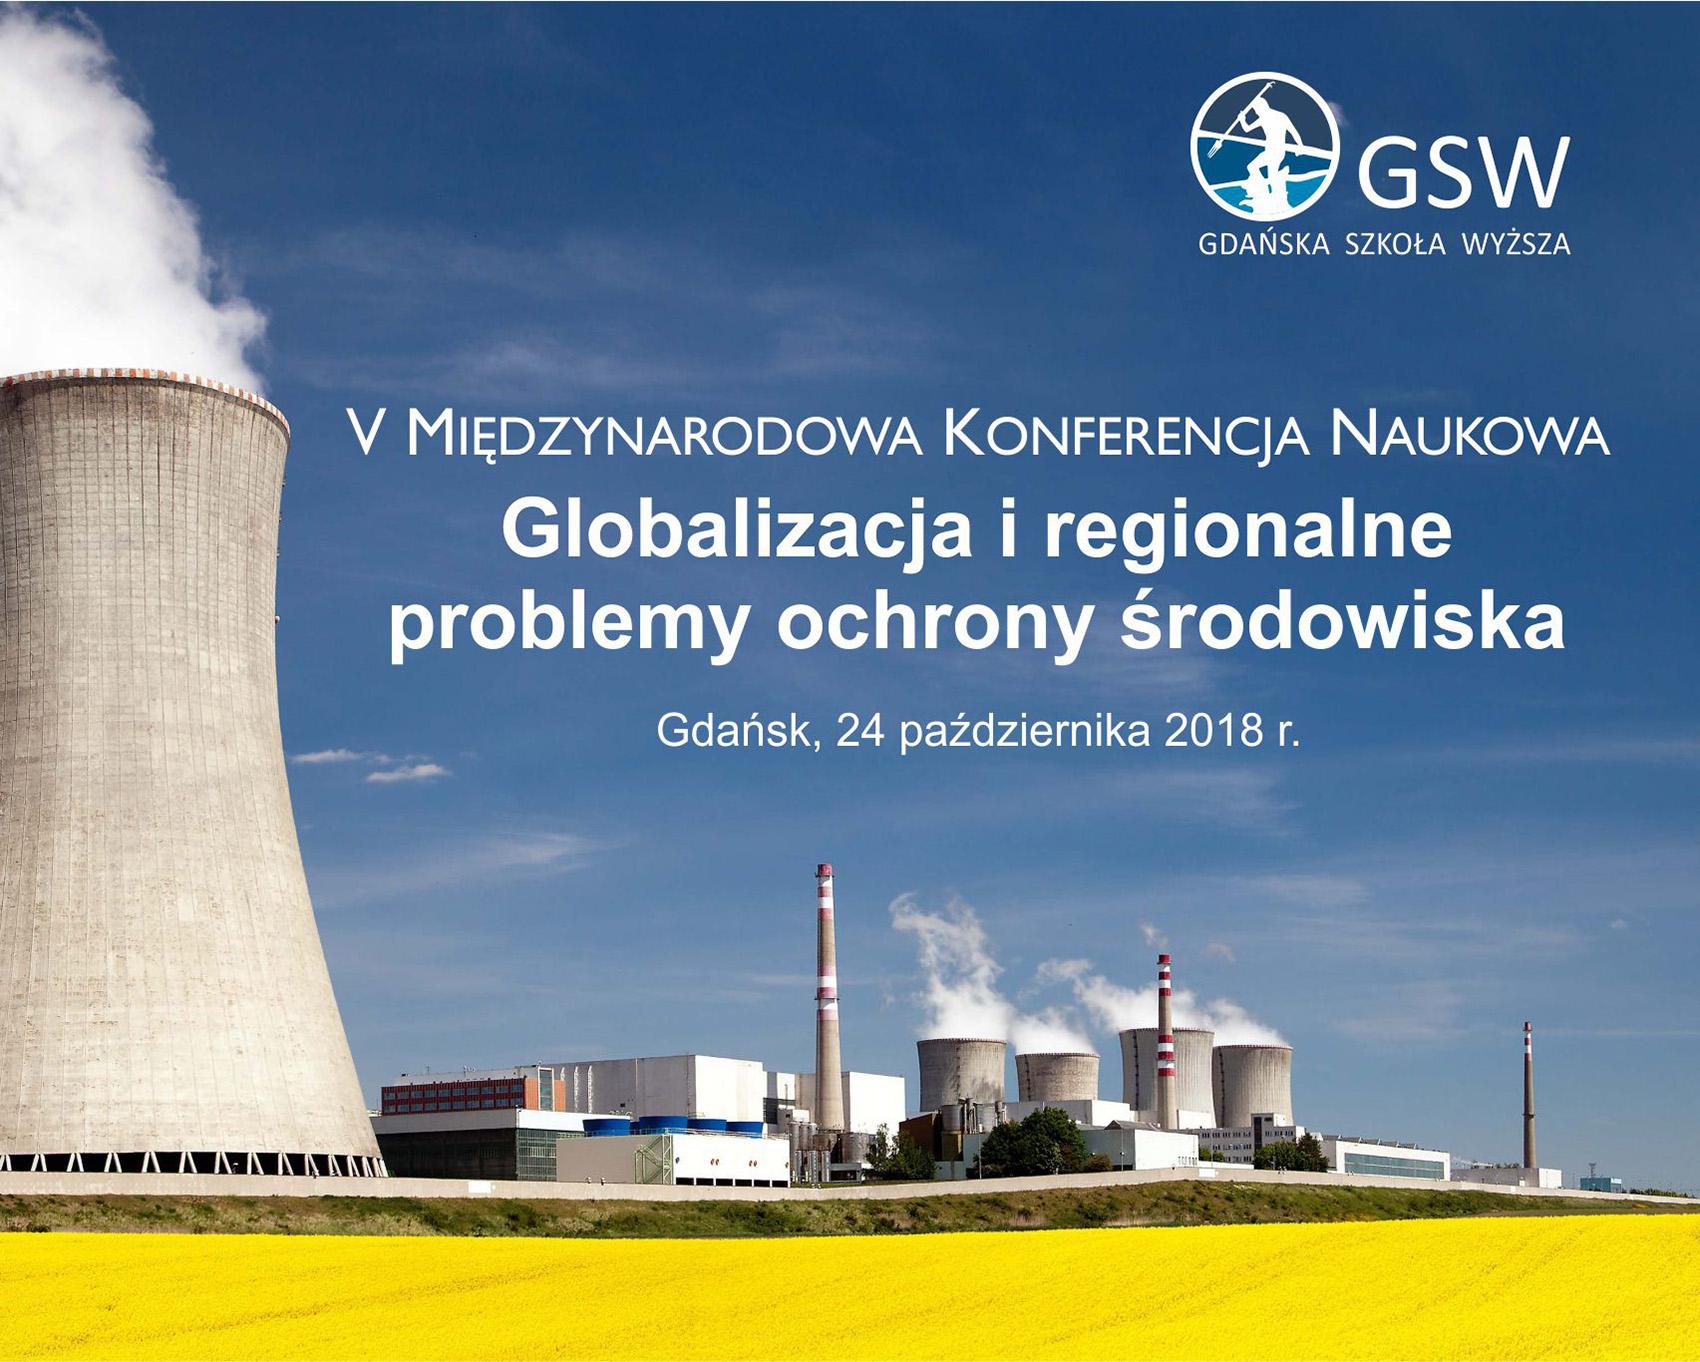 Globalizacja i regionalne problemy ochrony środowiska, 24.10.2018